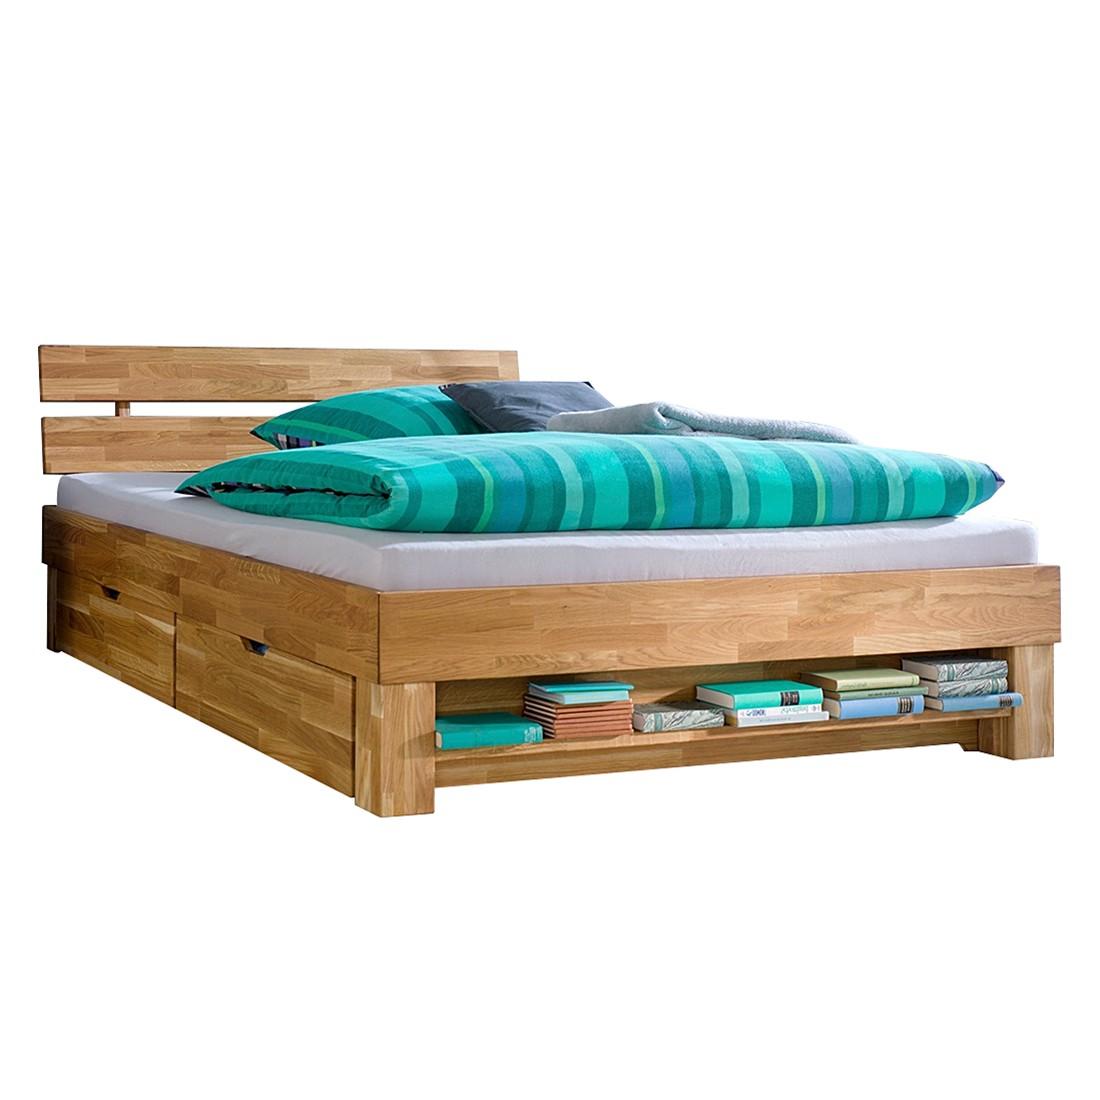 Bett mit bettkasten 140 cm breit preisvergleiche for Bett 140 breit